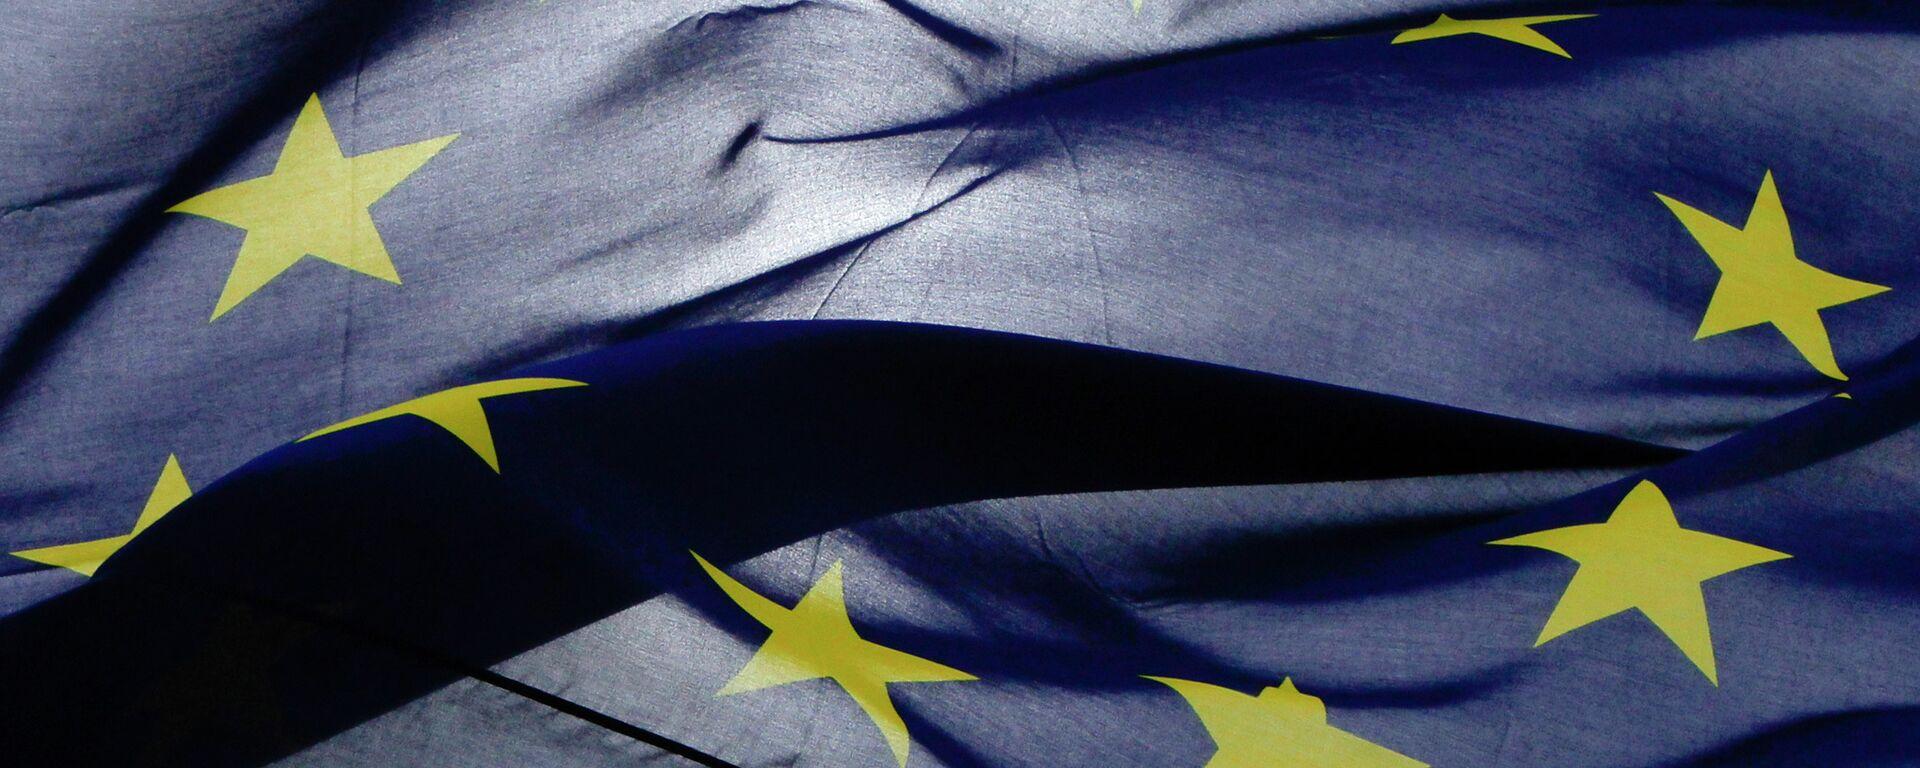 Vlajka EU - Sputnik Česká republika, 1920, 19.05.2021